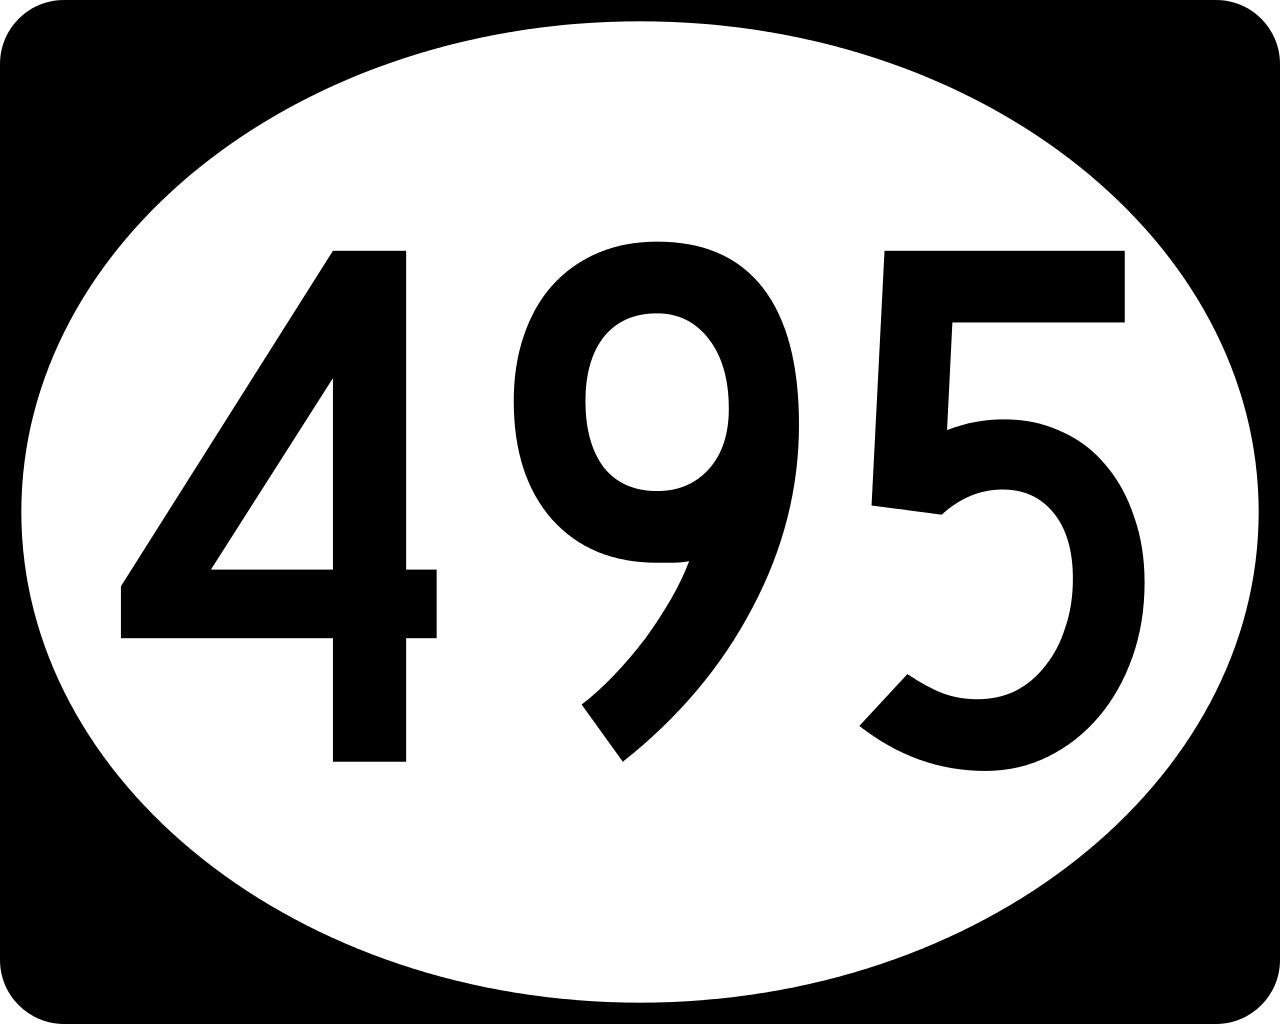 Номер в коде 495: какие преимущества он дает